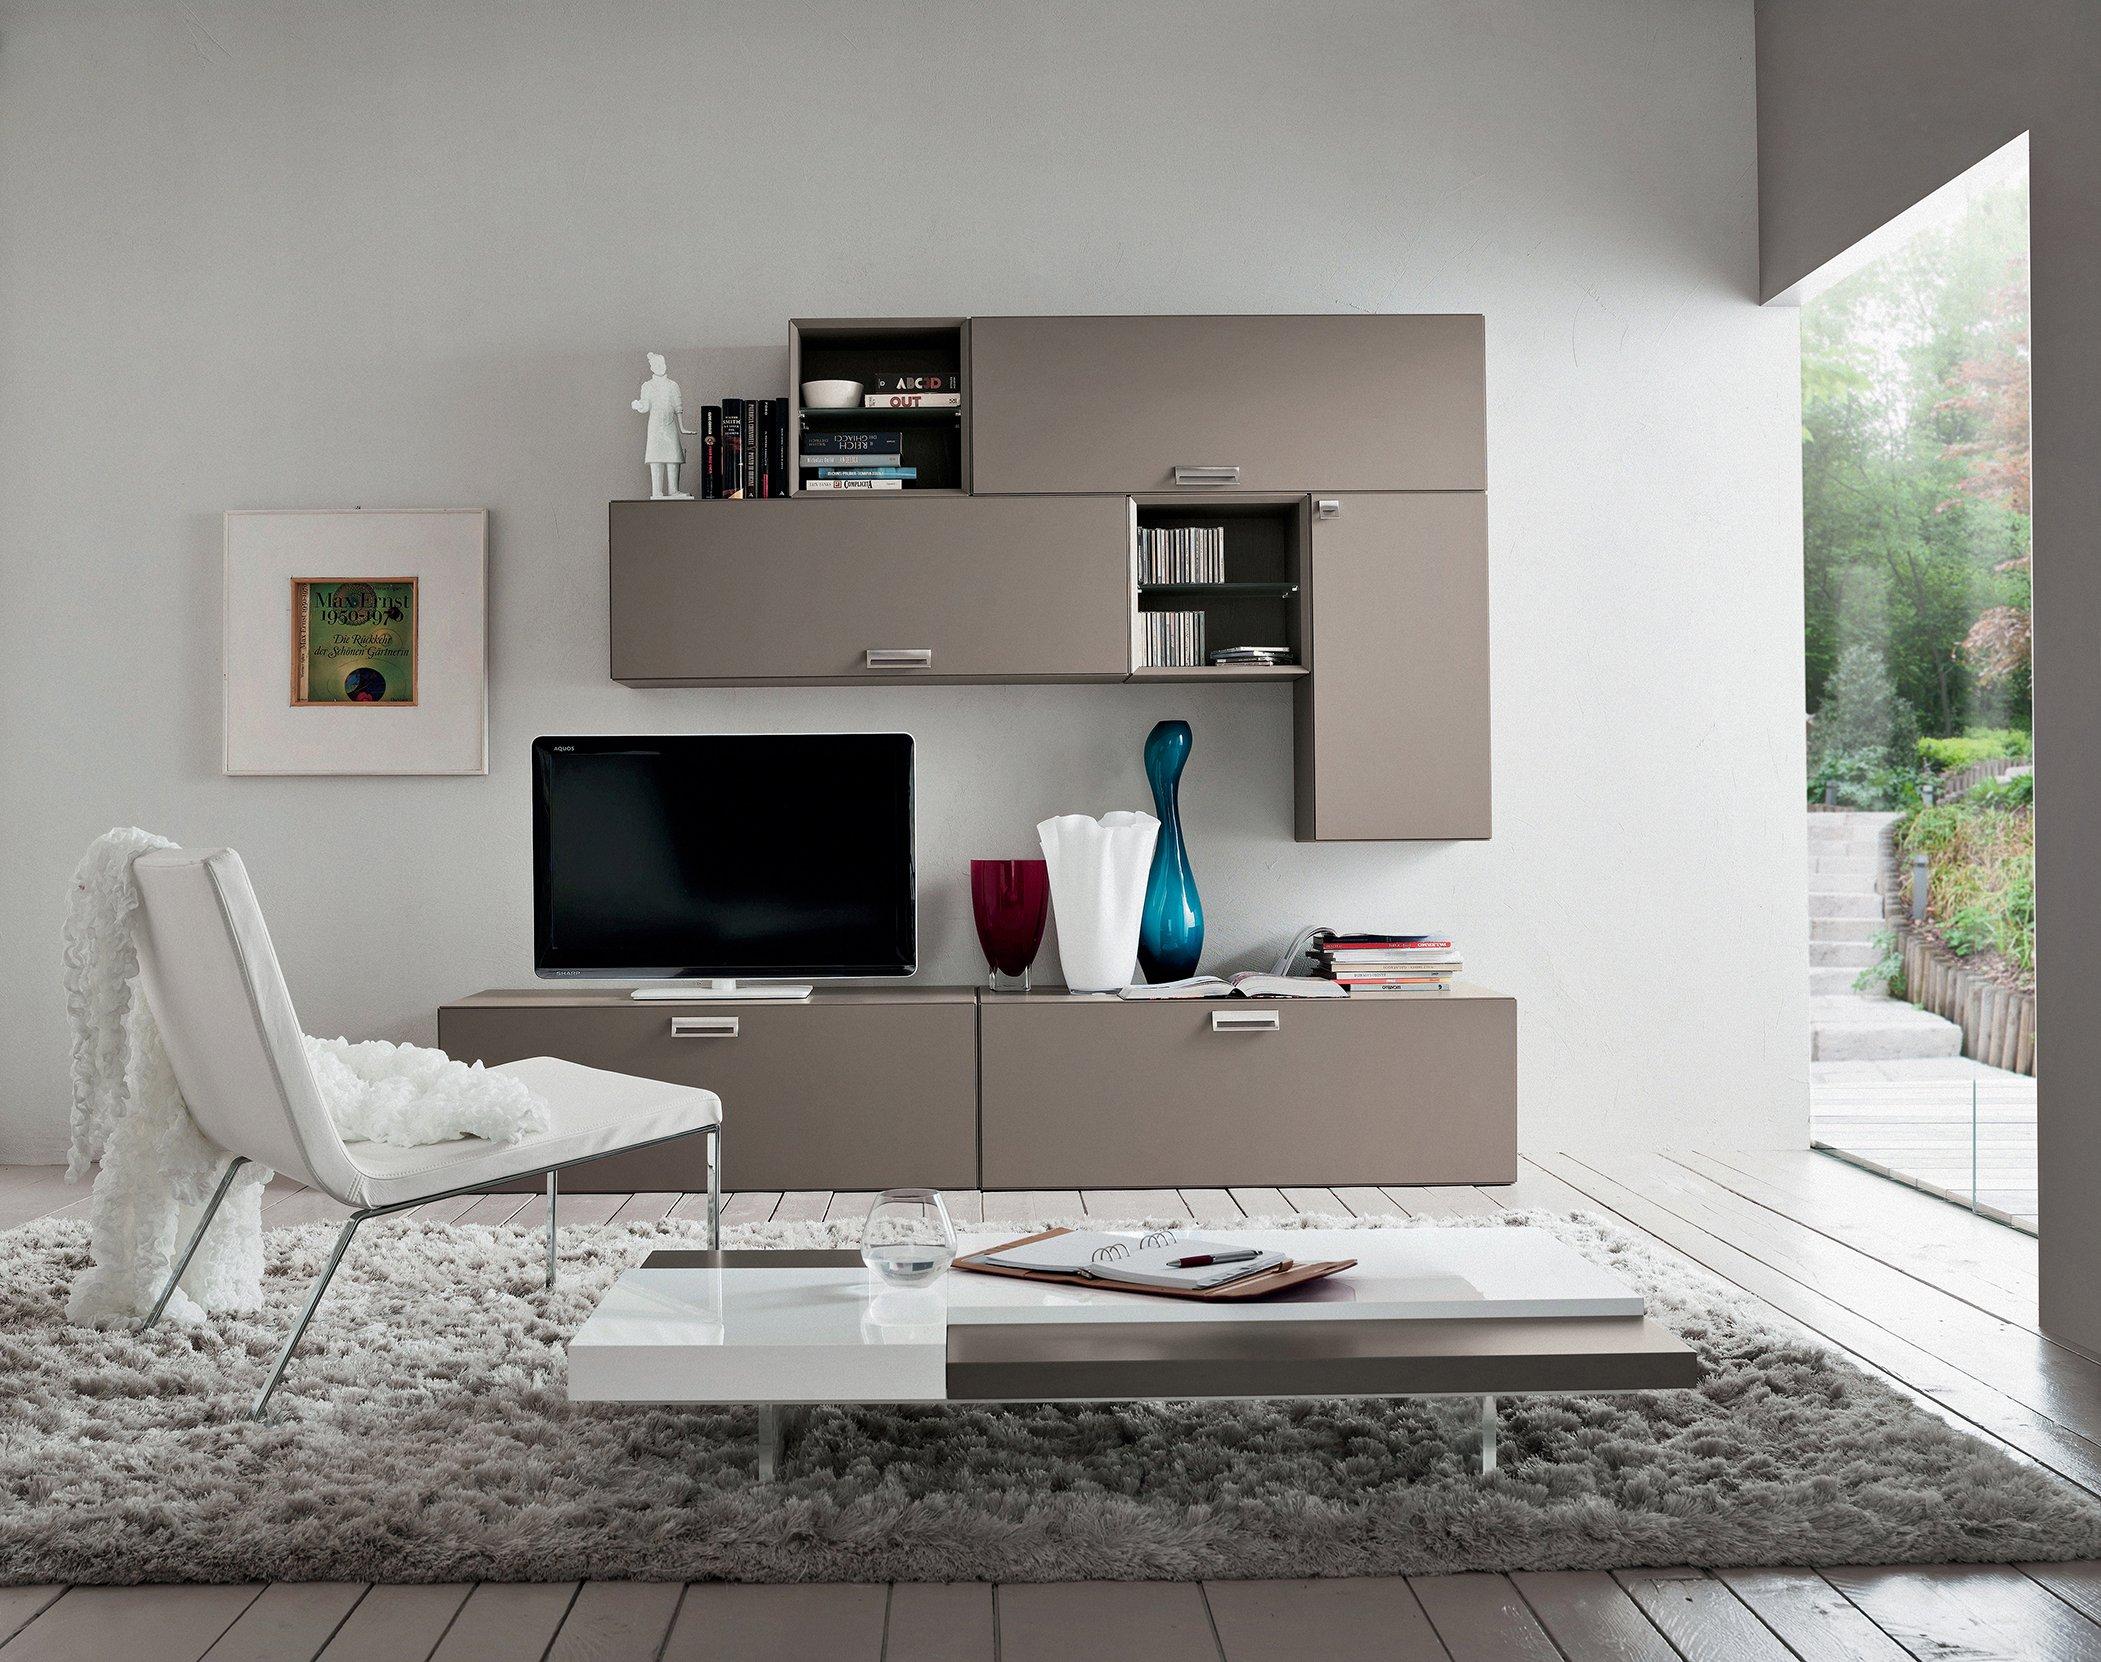 Arredamento Da Salotto Moderni.Porta Tv Mobili Porta Tv Classici E Moderni Vetro Girevole